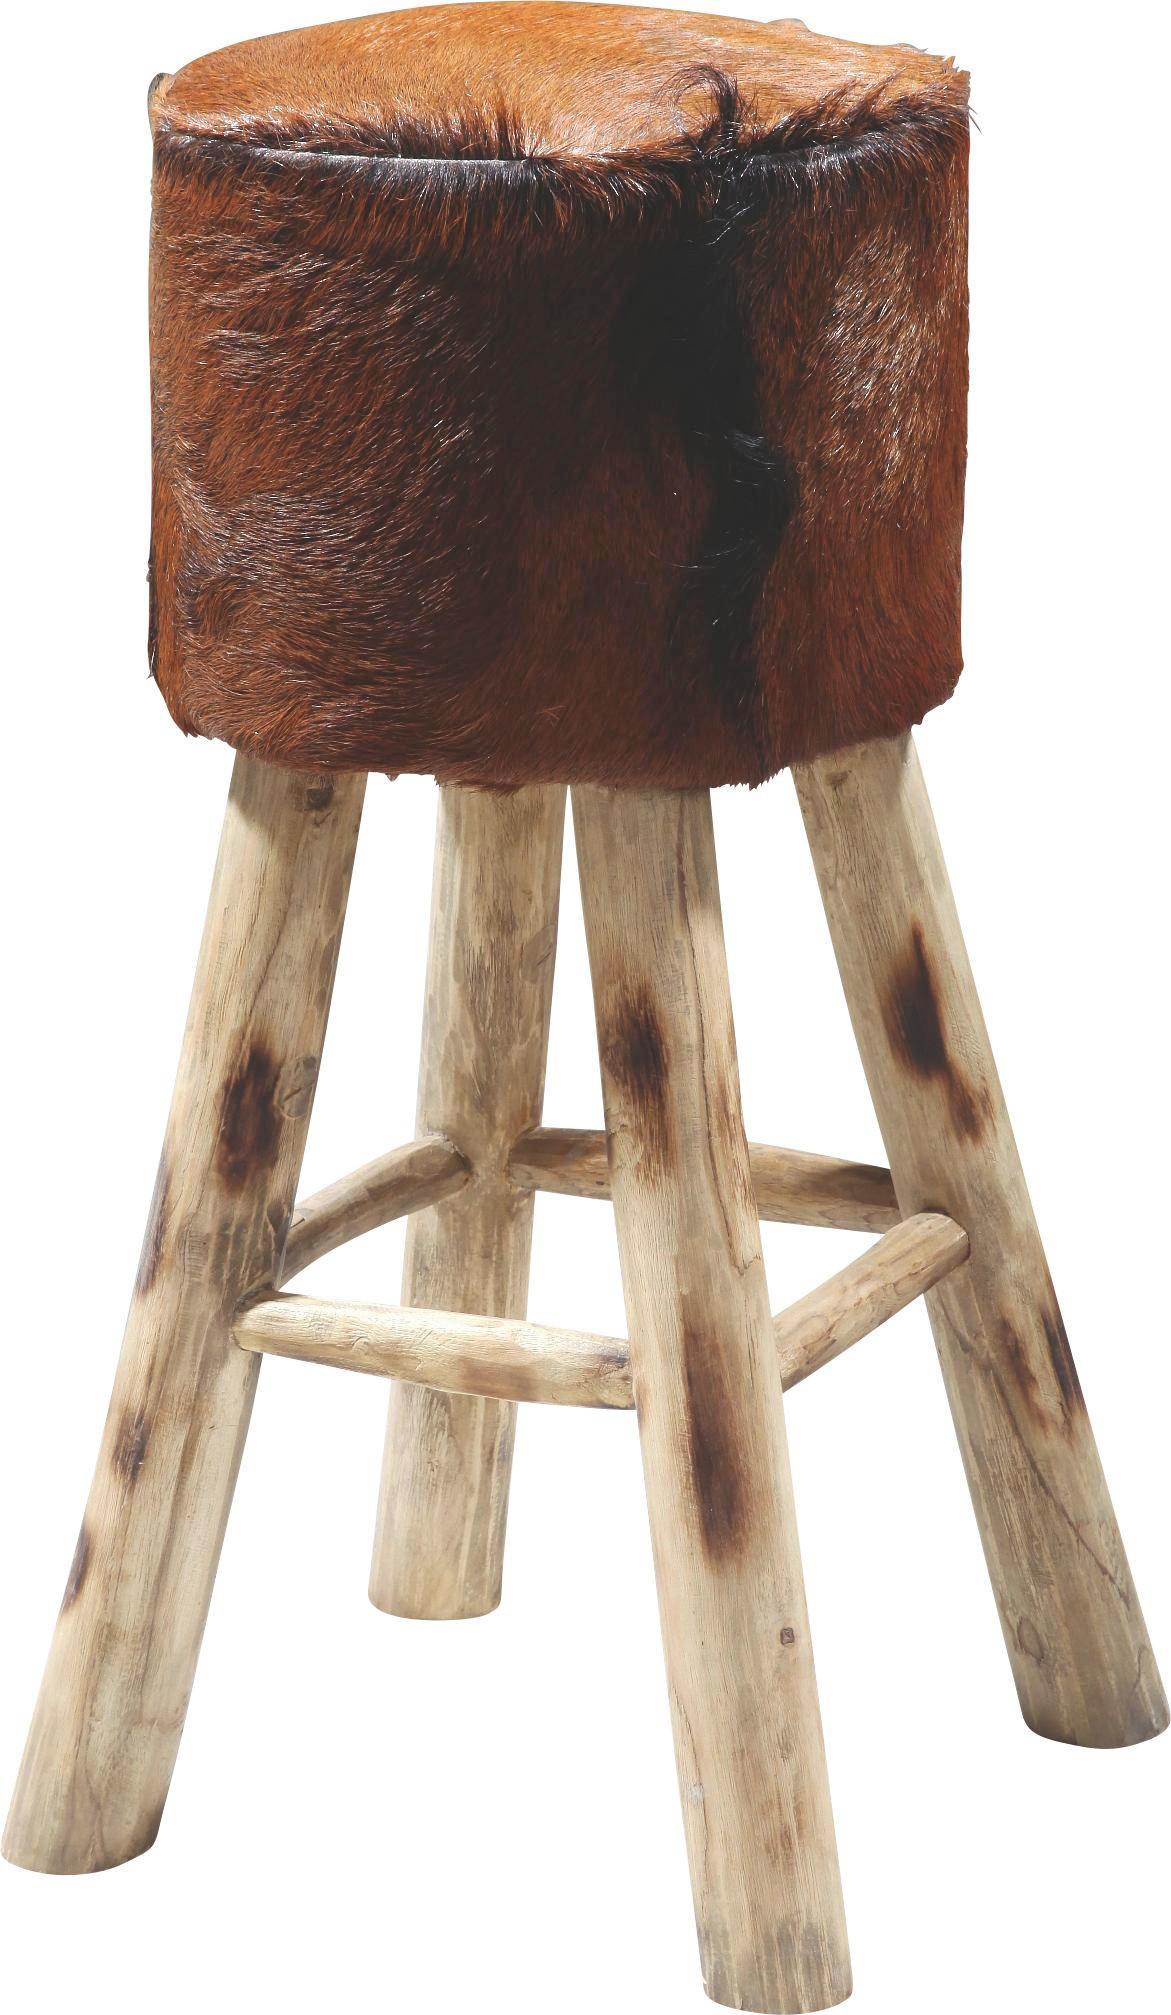 Awesome Barhocker In Holz Leder Beige Braun Naturfarben Beigebraun  Lifestyle With Barhocker Holz Mit Lehne